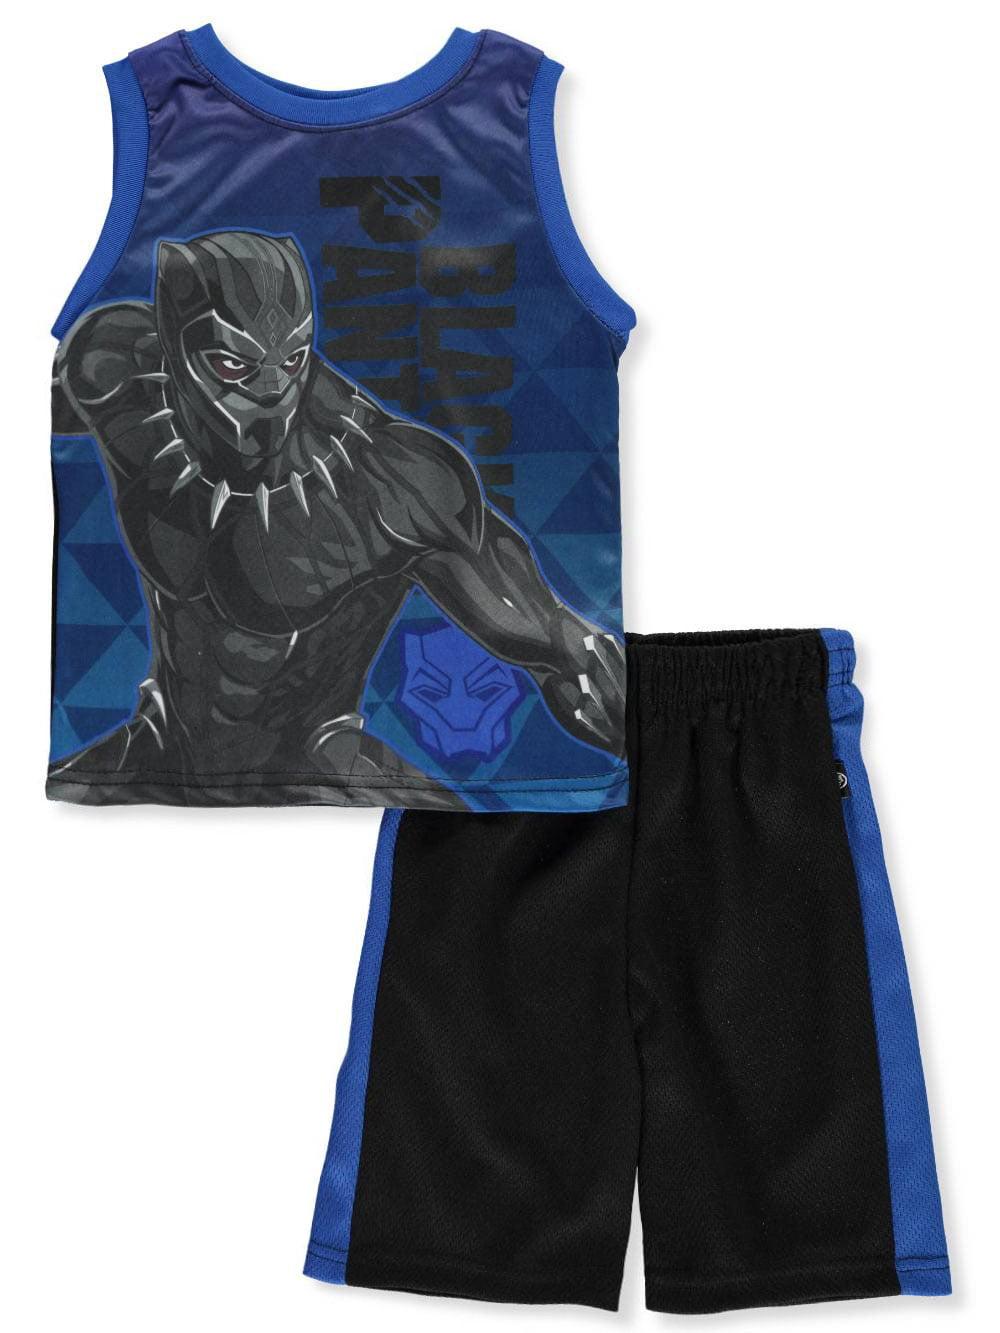 Etstk A Unicorn Kids Lightweight Beach Shorts for Boys